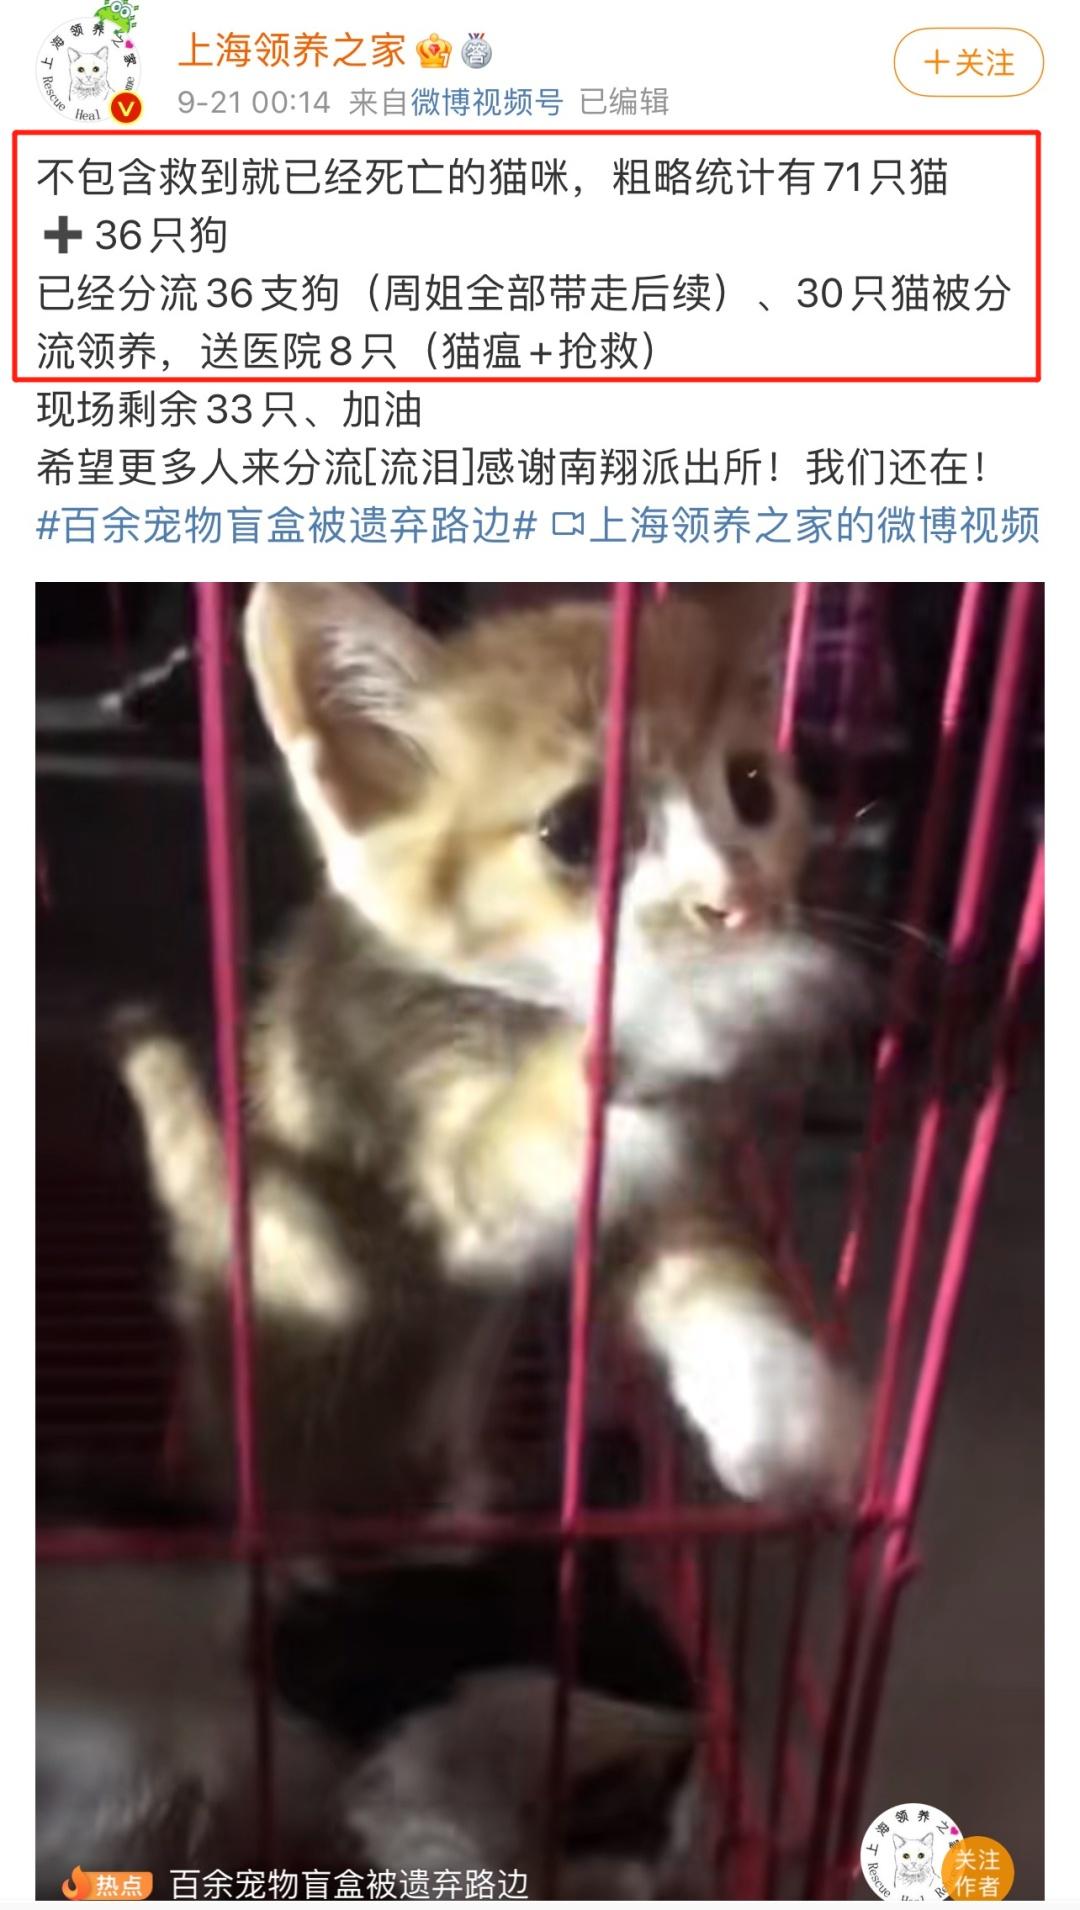 警方回应近百个宠物快递盲盒被遗弃,发生了什么?